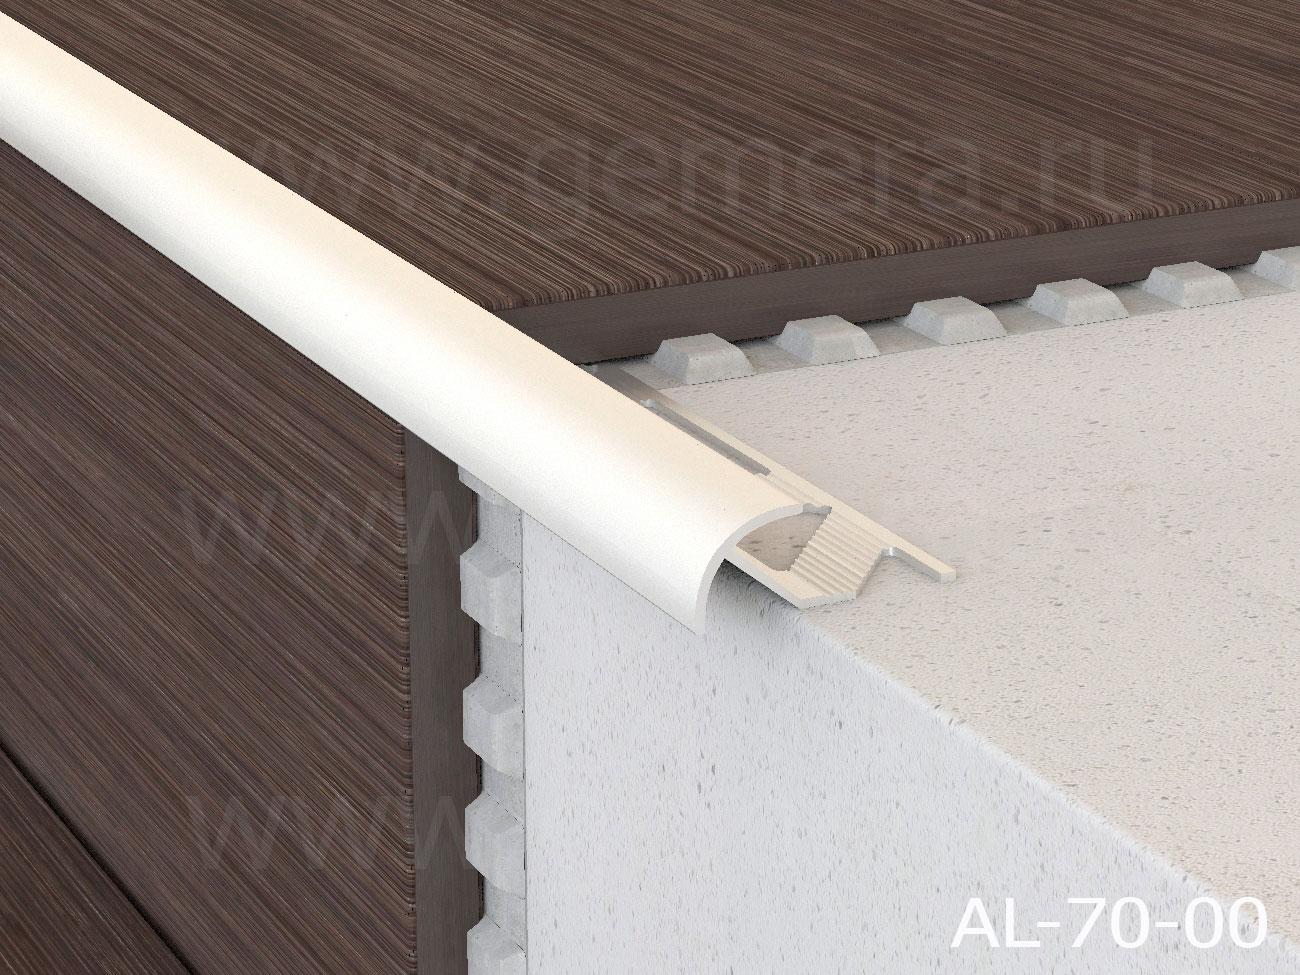 Профиль под плитку для наружных углов Butun AL-70-00